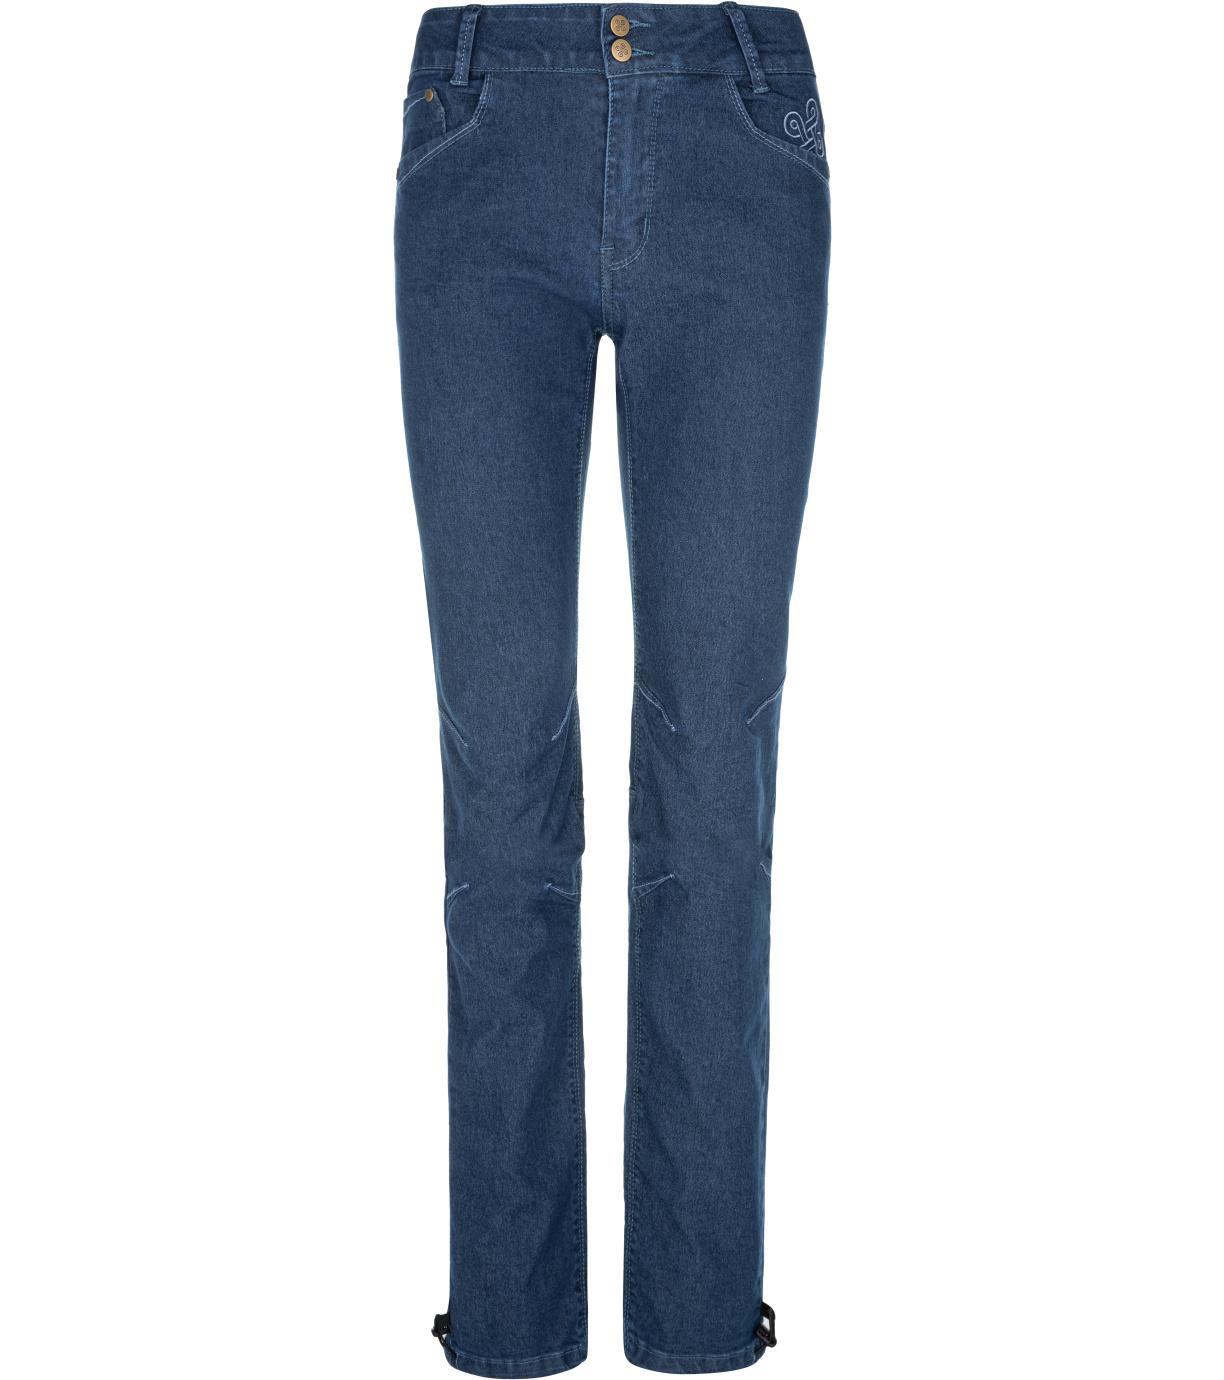 KILPI Dámské outdoorové kalhoty DANNY-W NL0075KIDBL Tmavě modrá 34